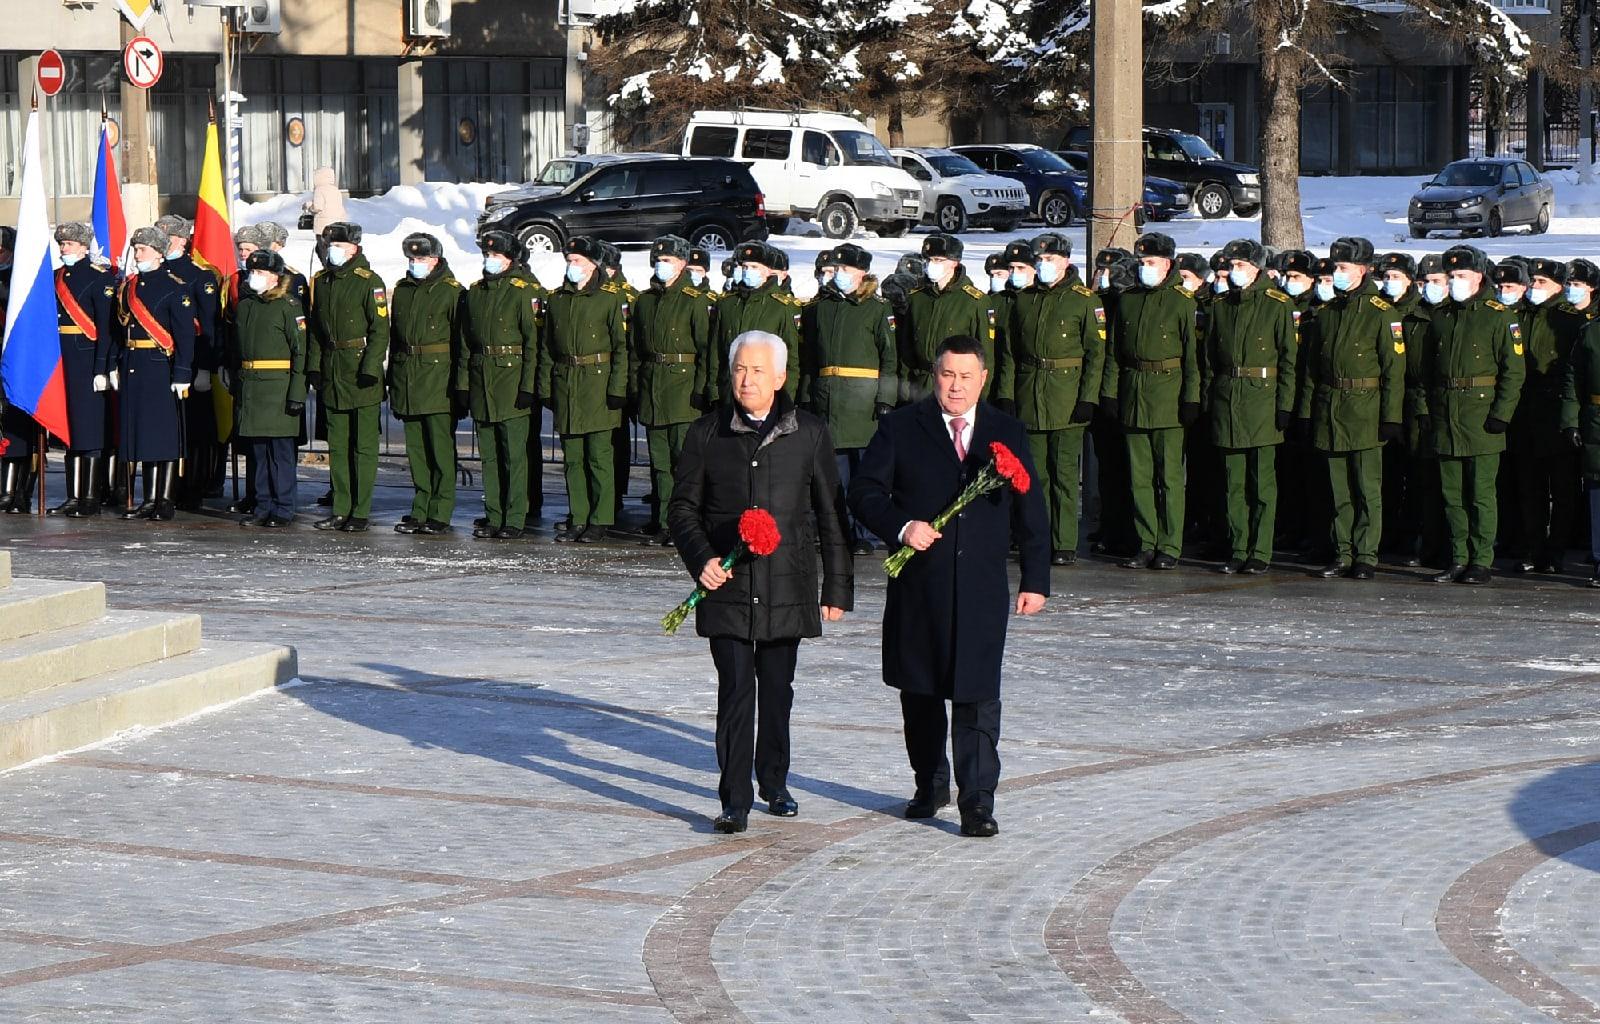 Игорь Руденя, Владимир Васильев возложили цветы к стеле «Город воинской славы» в Твери